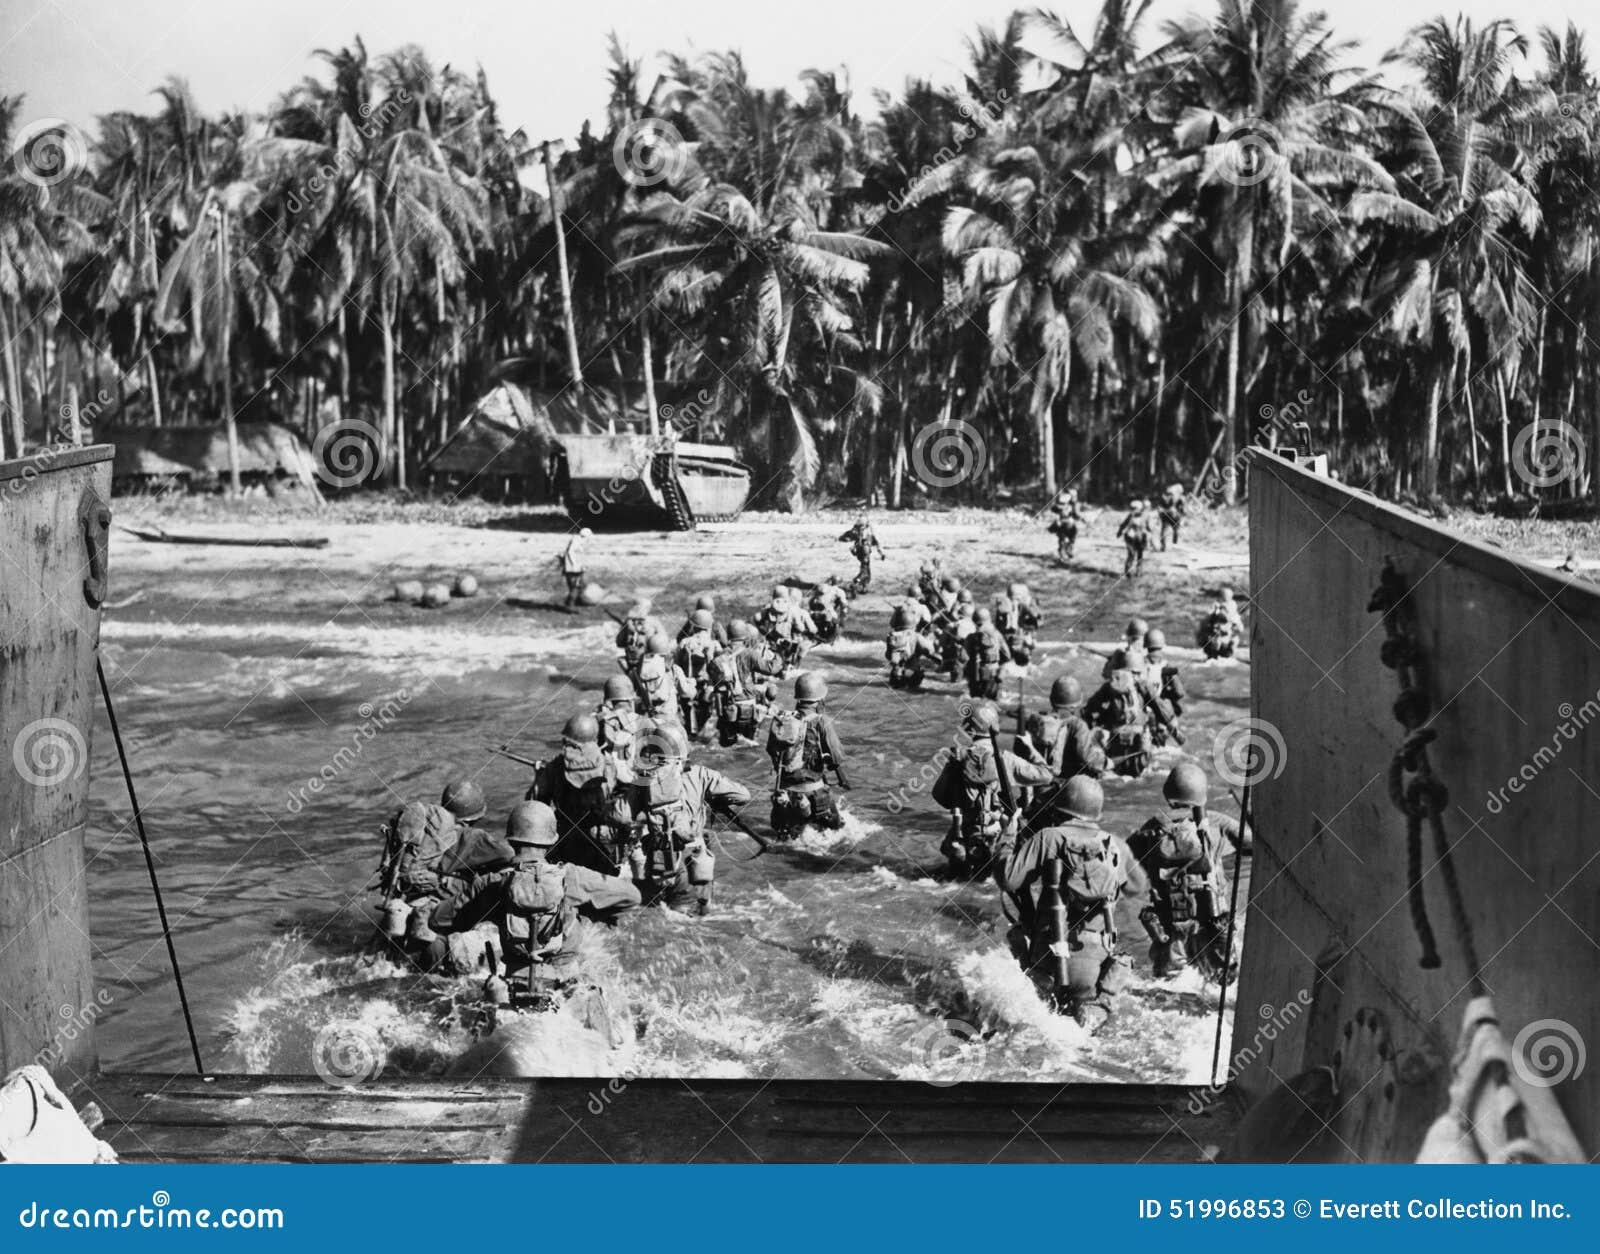 Amerikaanse troepen die de stranden stormen tijdens Wereldoorlog II (Alle afgeschilderde personen leven niet langer en geen landg